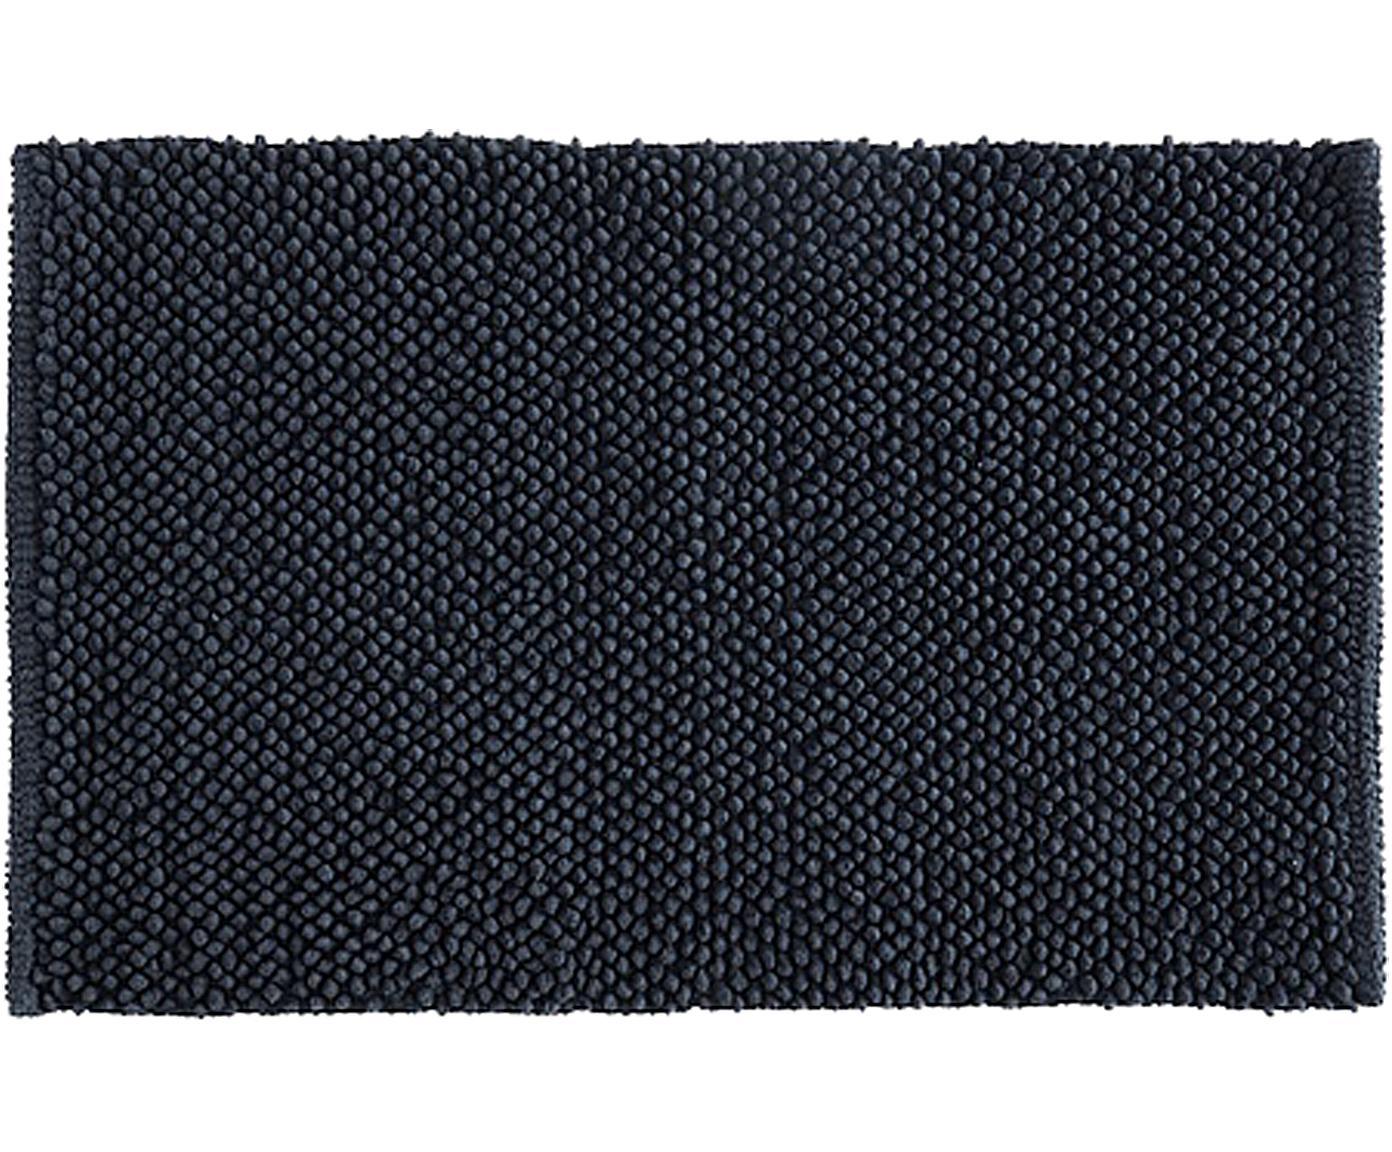 Dywanik łazienkowy Anja, Bawełna, Czarny, S 50 x D 80 cm